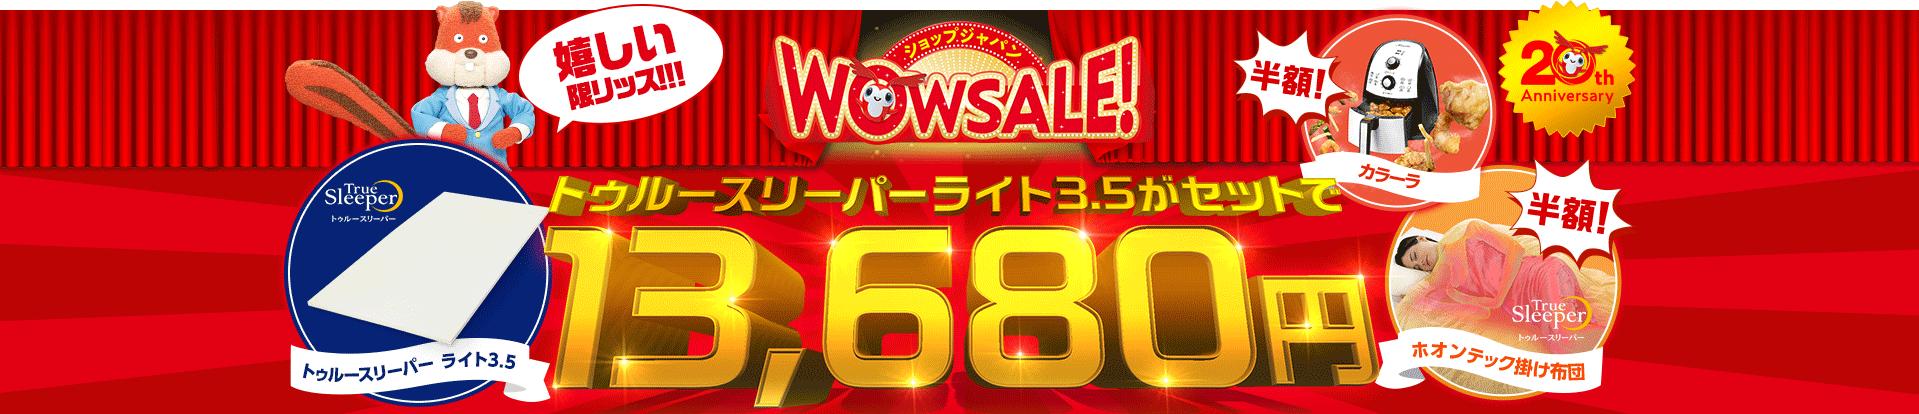 ショップジャパン WOWSALE! トゥルースリーパーライト3.5セットで13,680円 嬉しい限リッス!!!